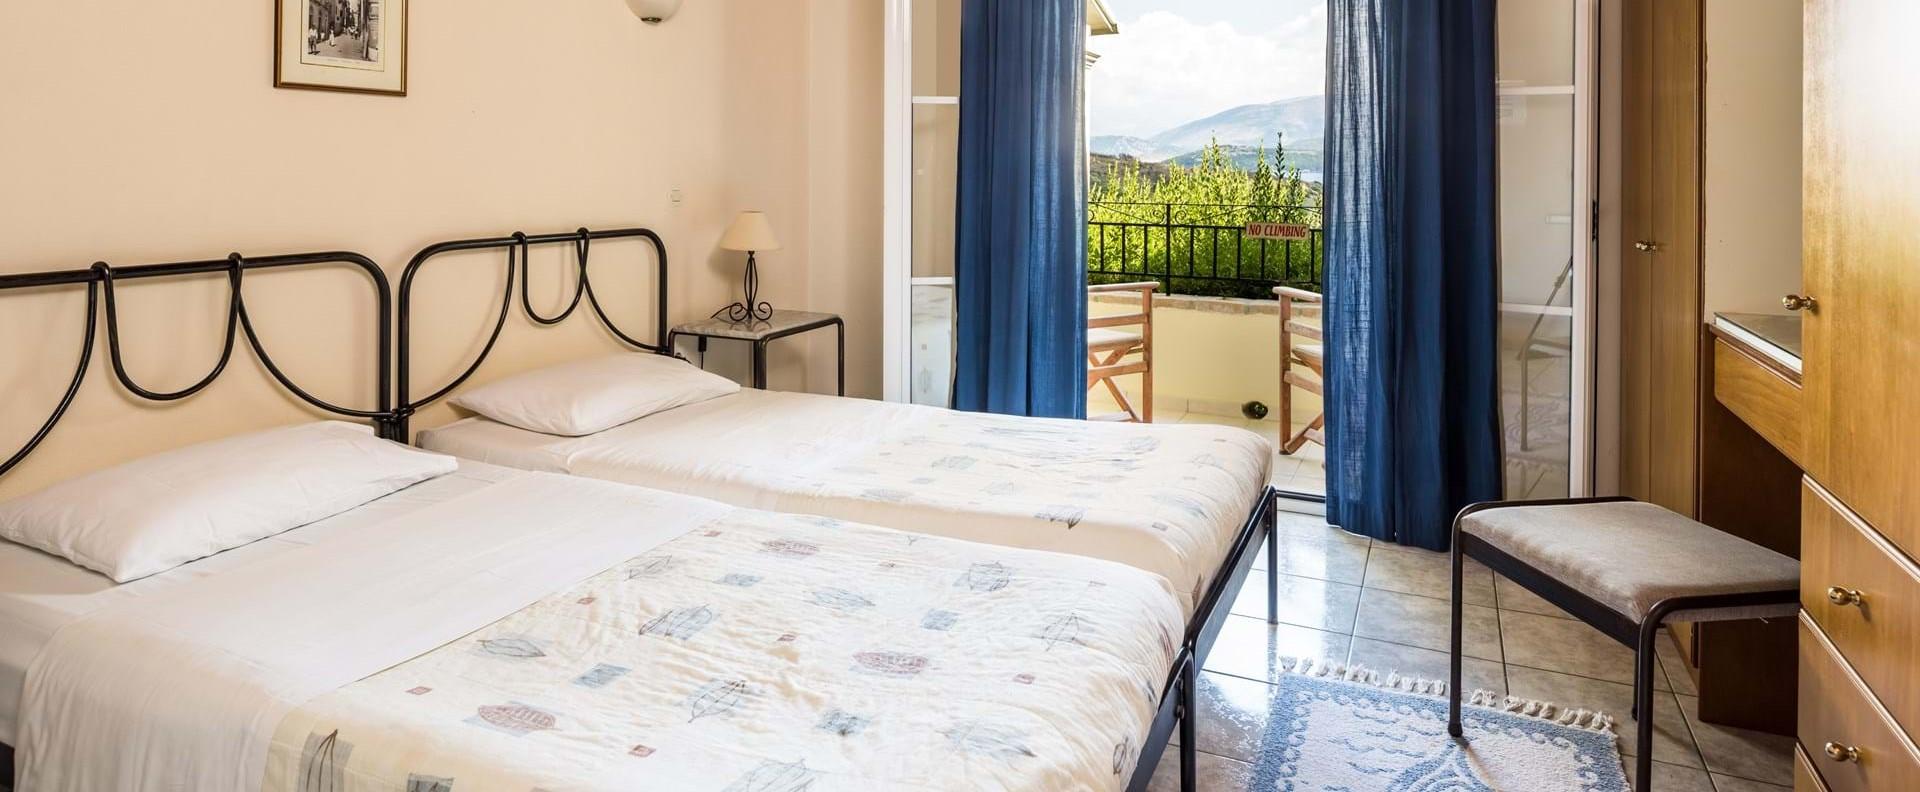 villa-giorgos-corfu-twin-bedroom